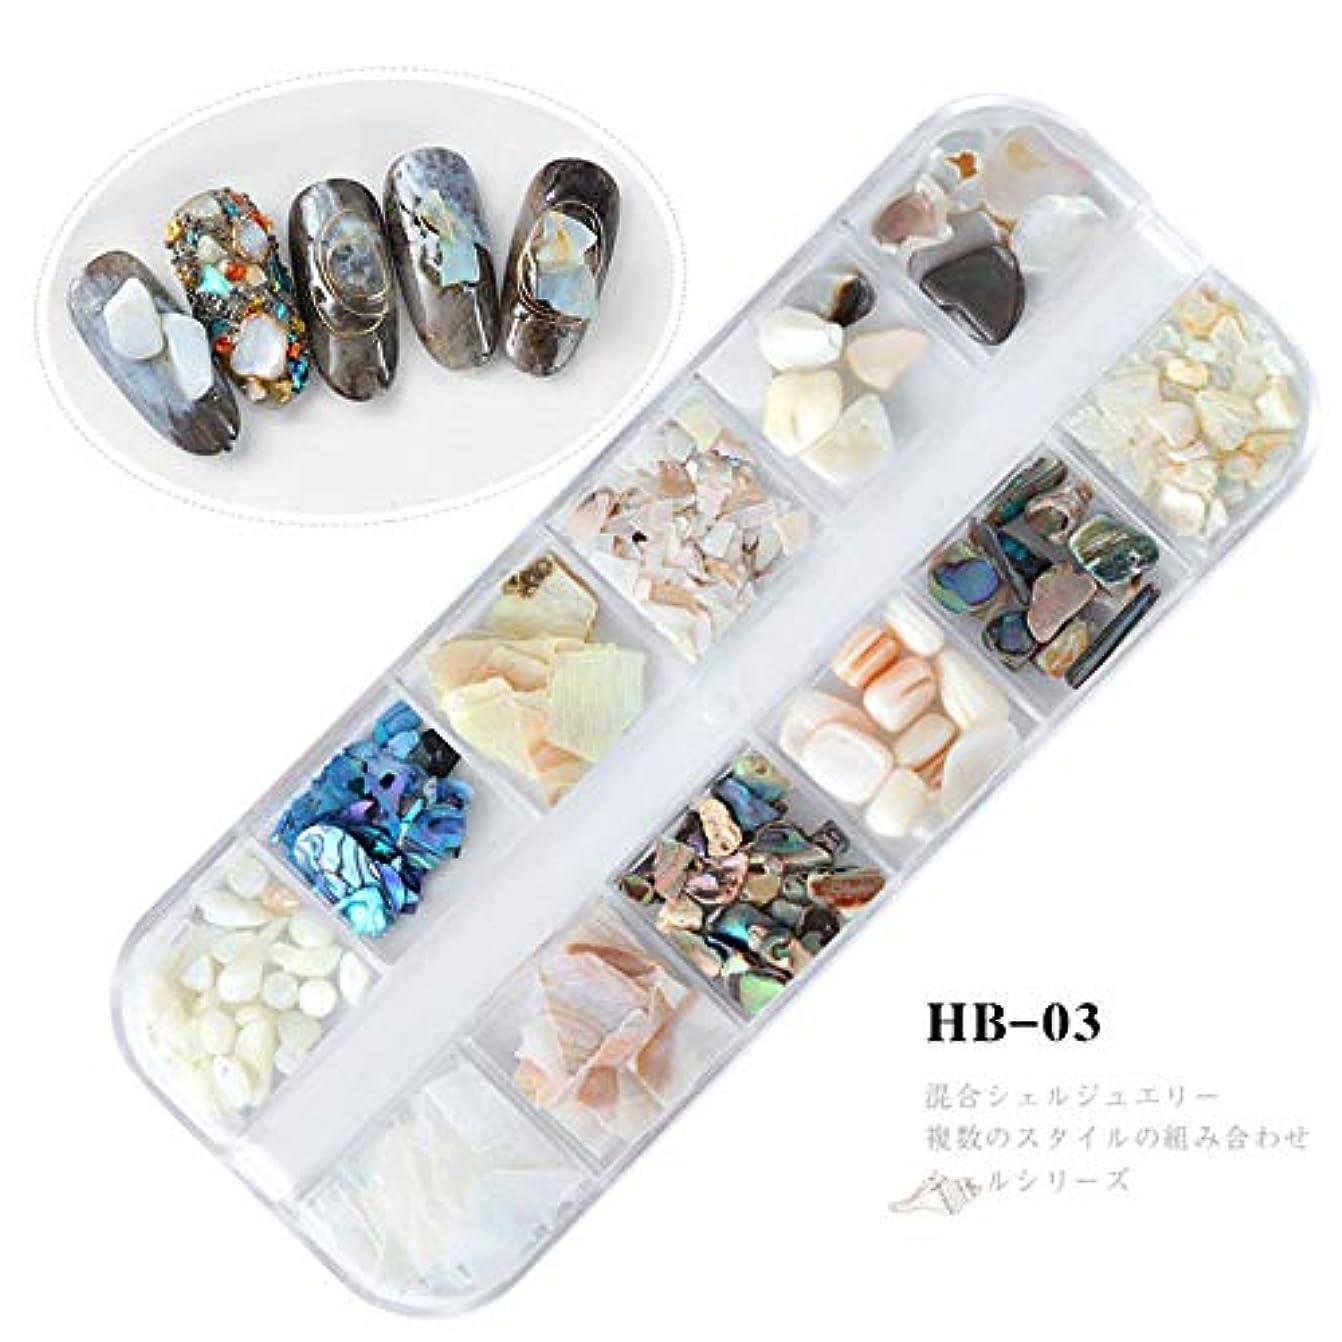 ゴルフほかにペスト1箱ミックス自然の海シェルアワビのスライスグラデーション砕石3Dネイルアートの装飾UVジェルデザインマニキュアアクセサリー,3